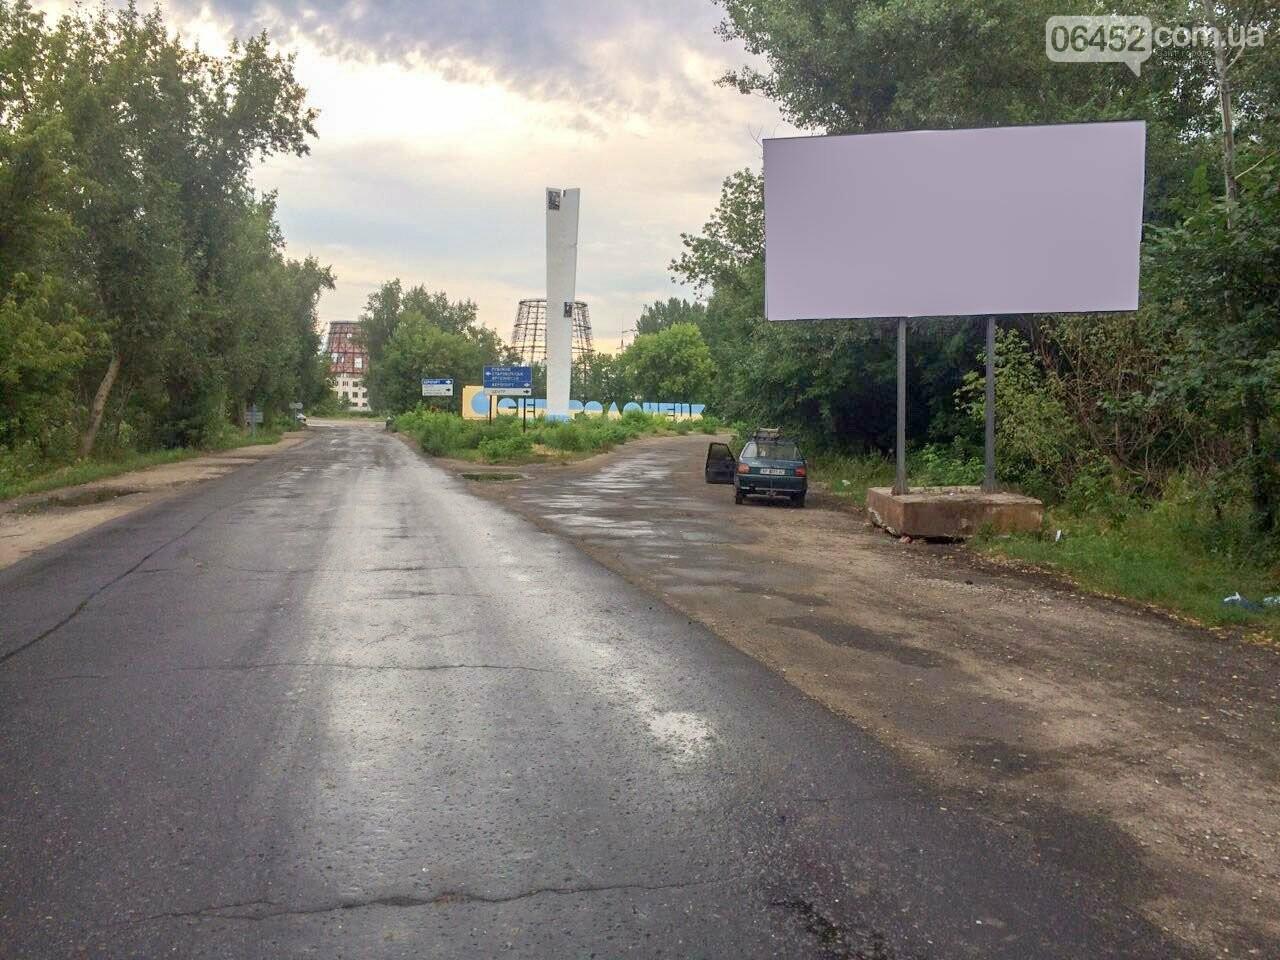 Наружная реклама в Северодонецке, как разобраться и где заказать?, фото-6